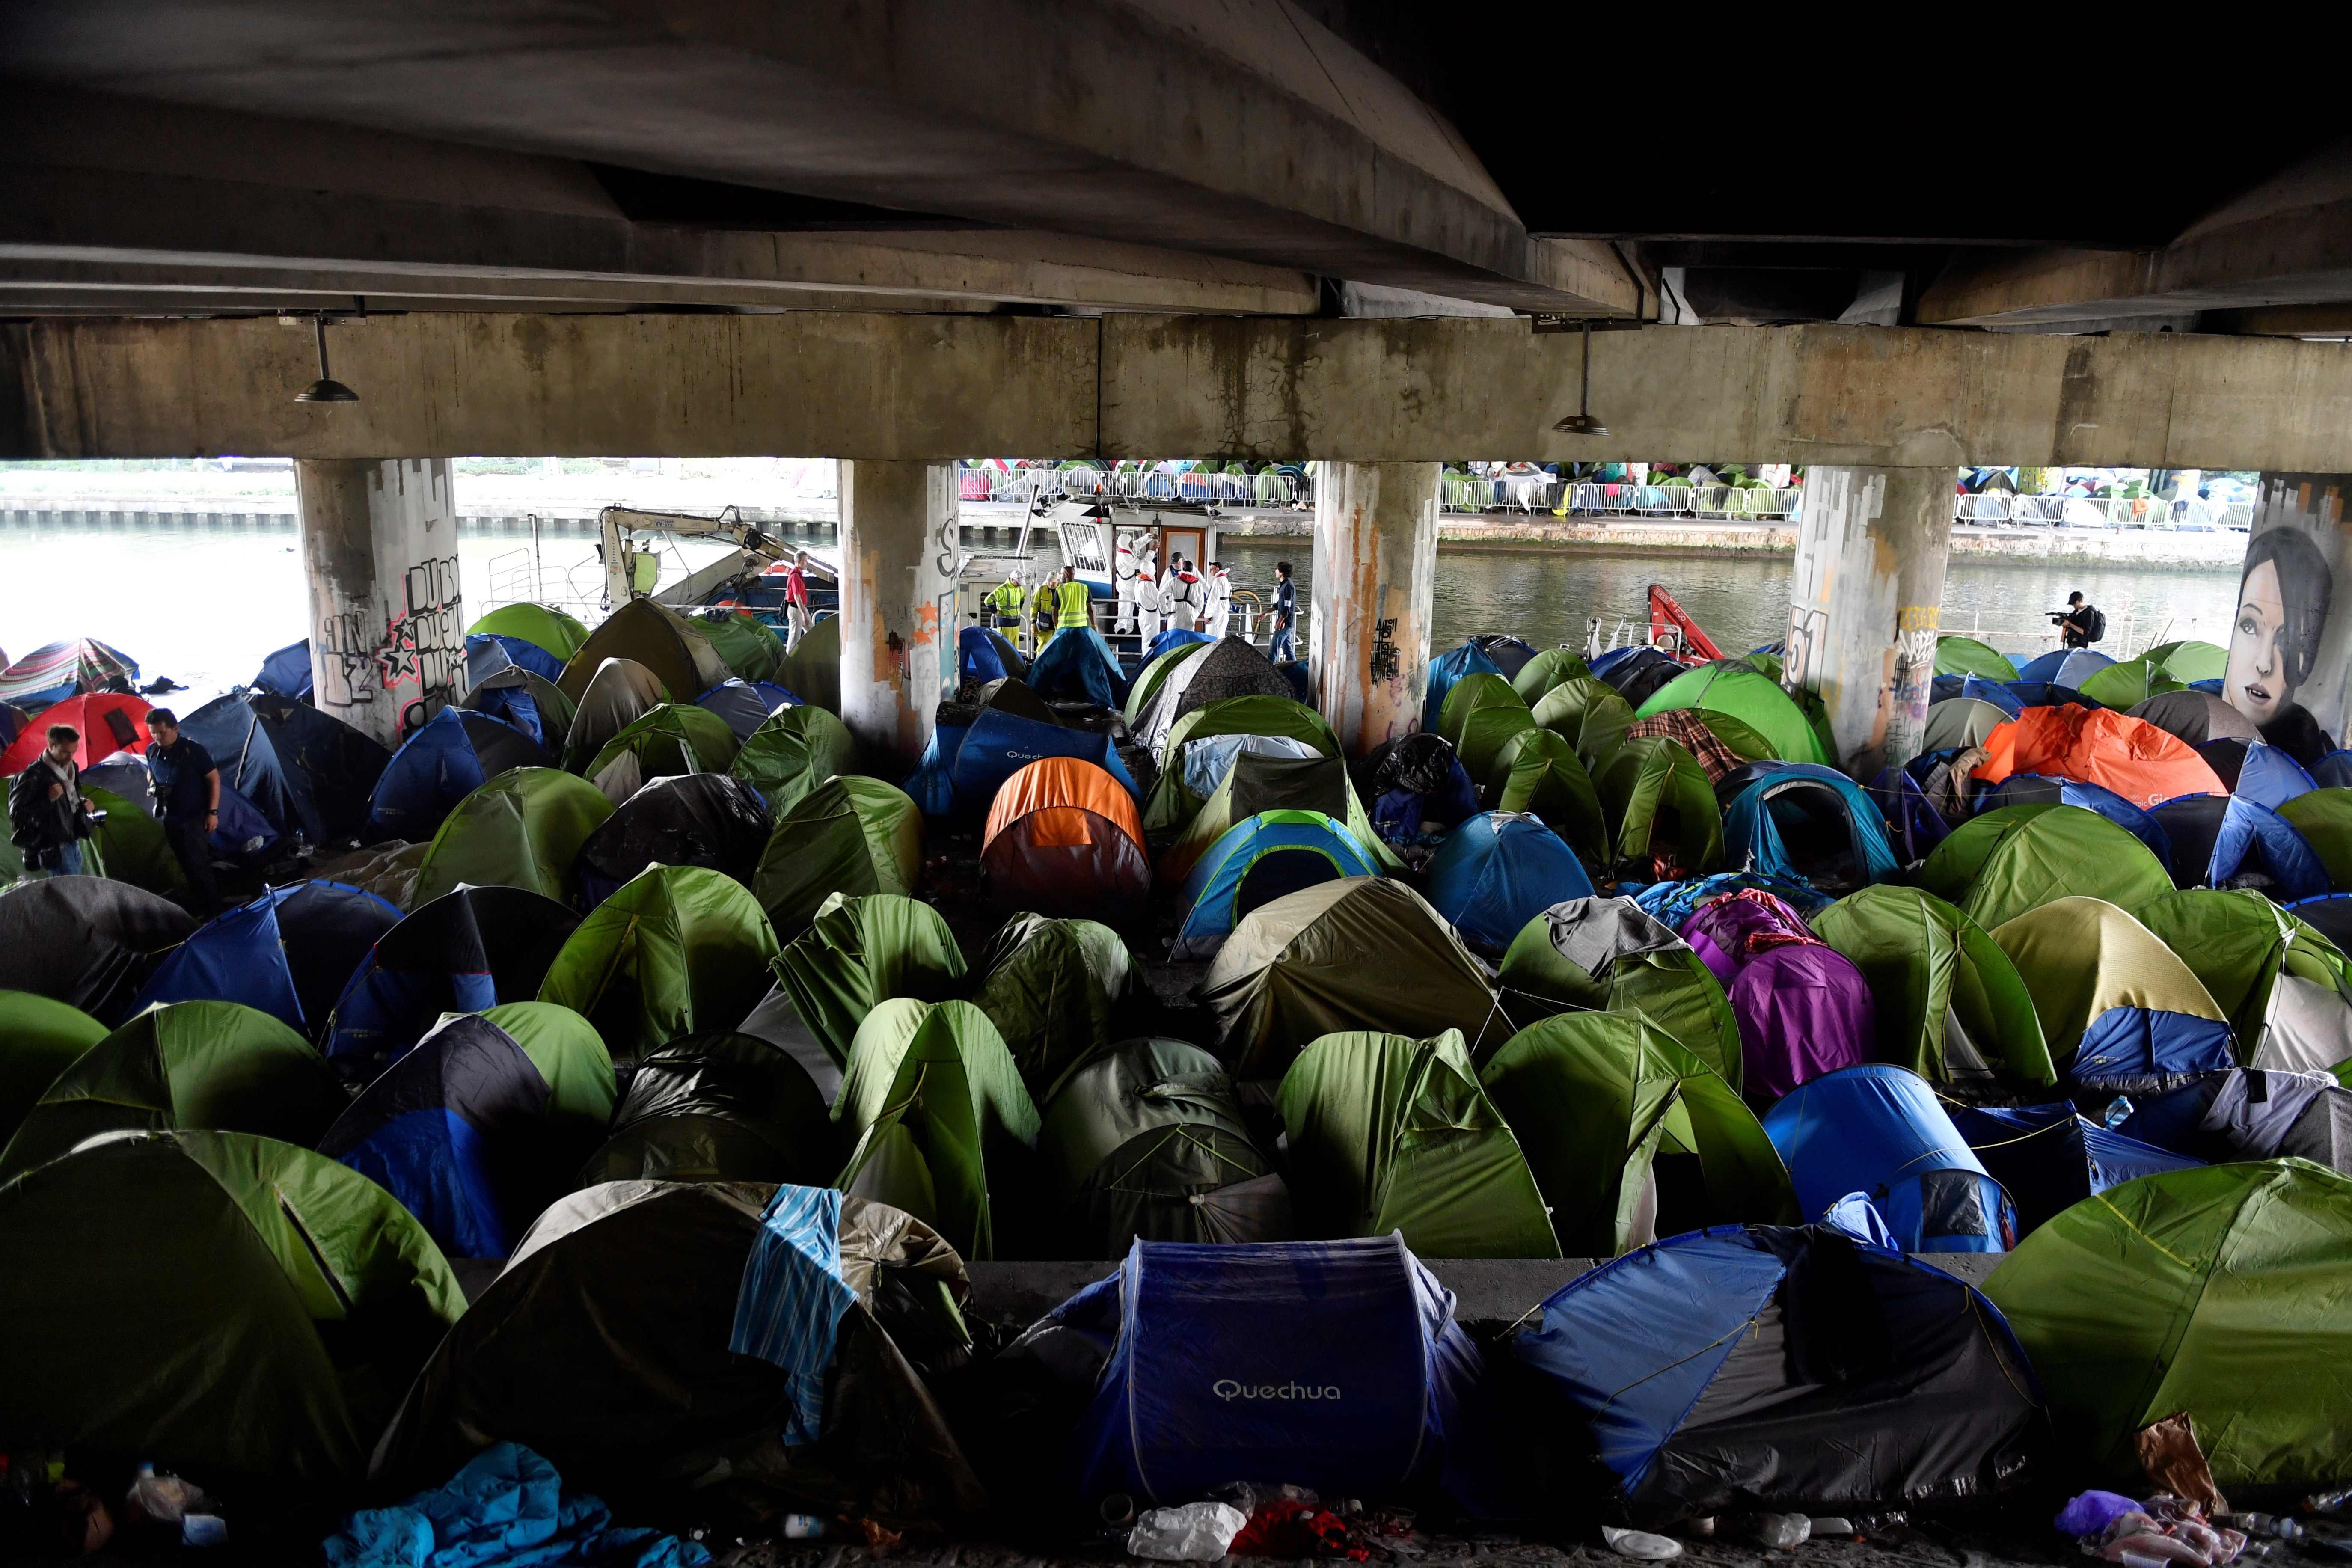 مخيمات للمهاجرين فى العاصمة الفرنسية باريس